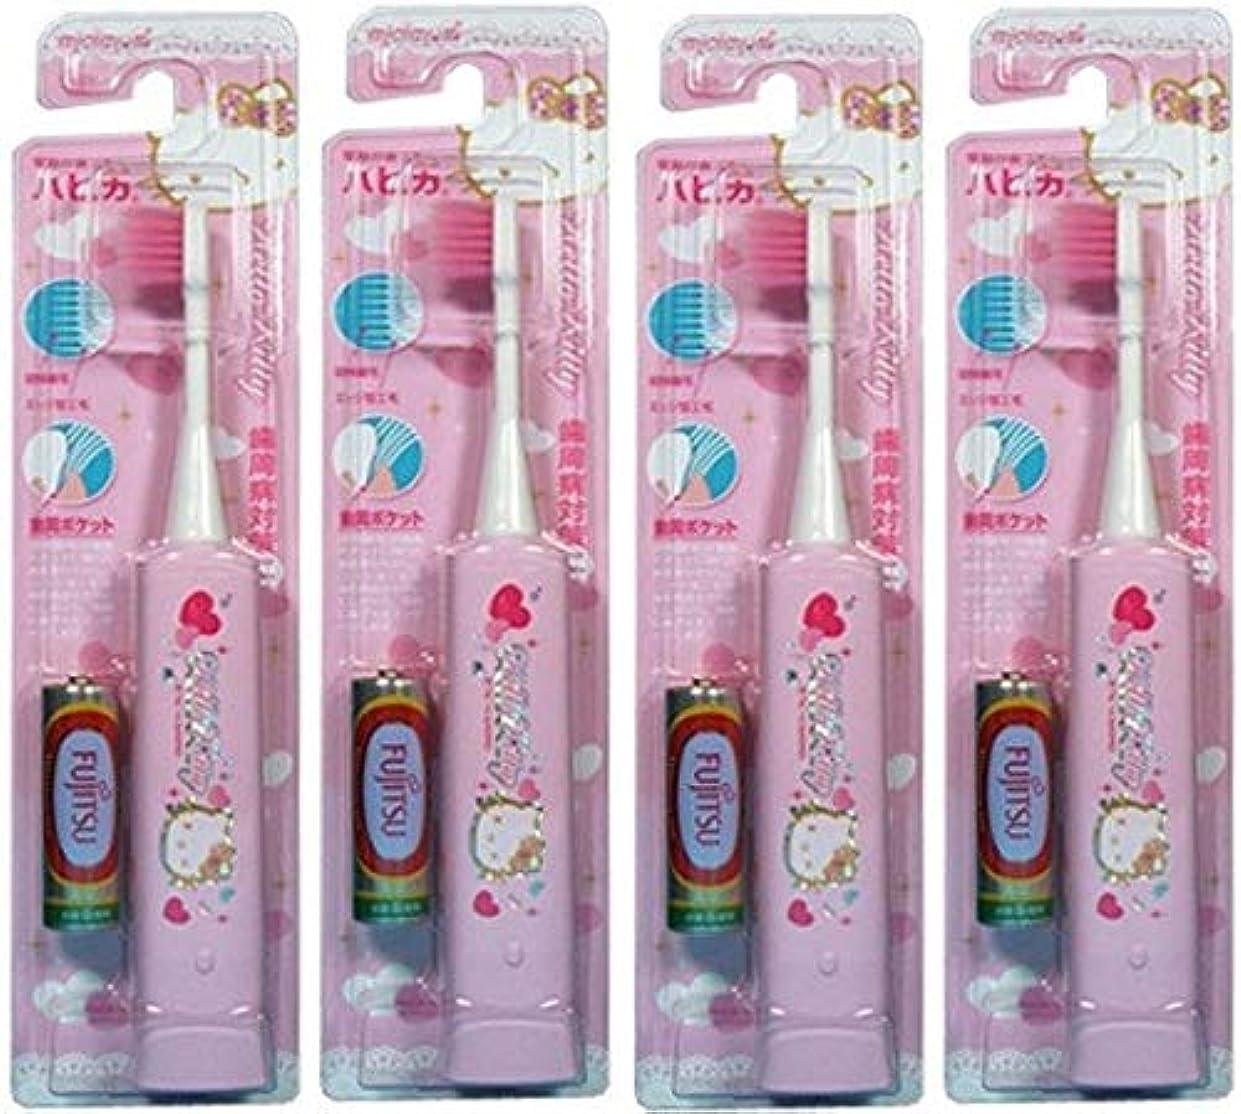 【まとめ買い】ハローキティハピカ超極細 ピンク×4個